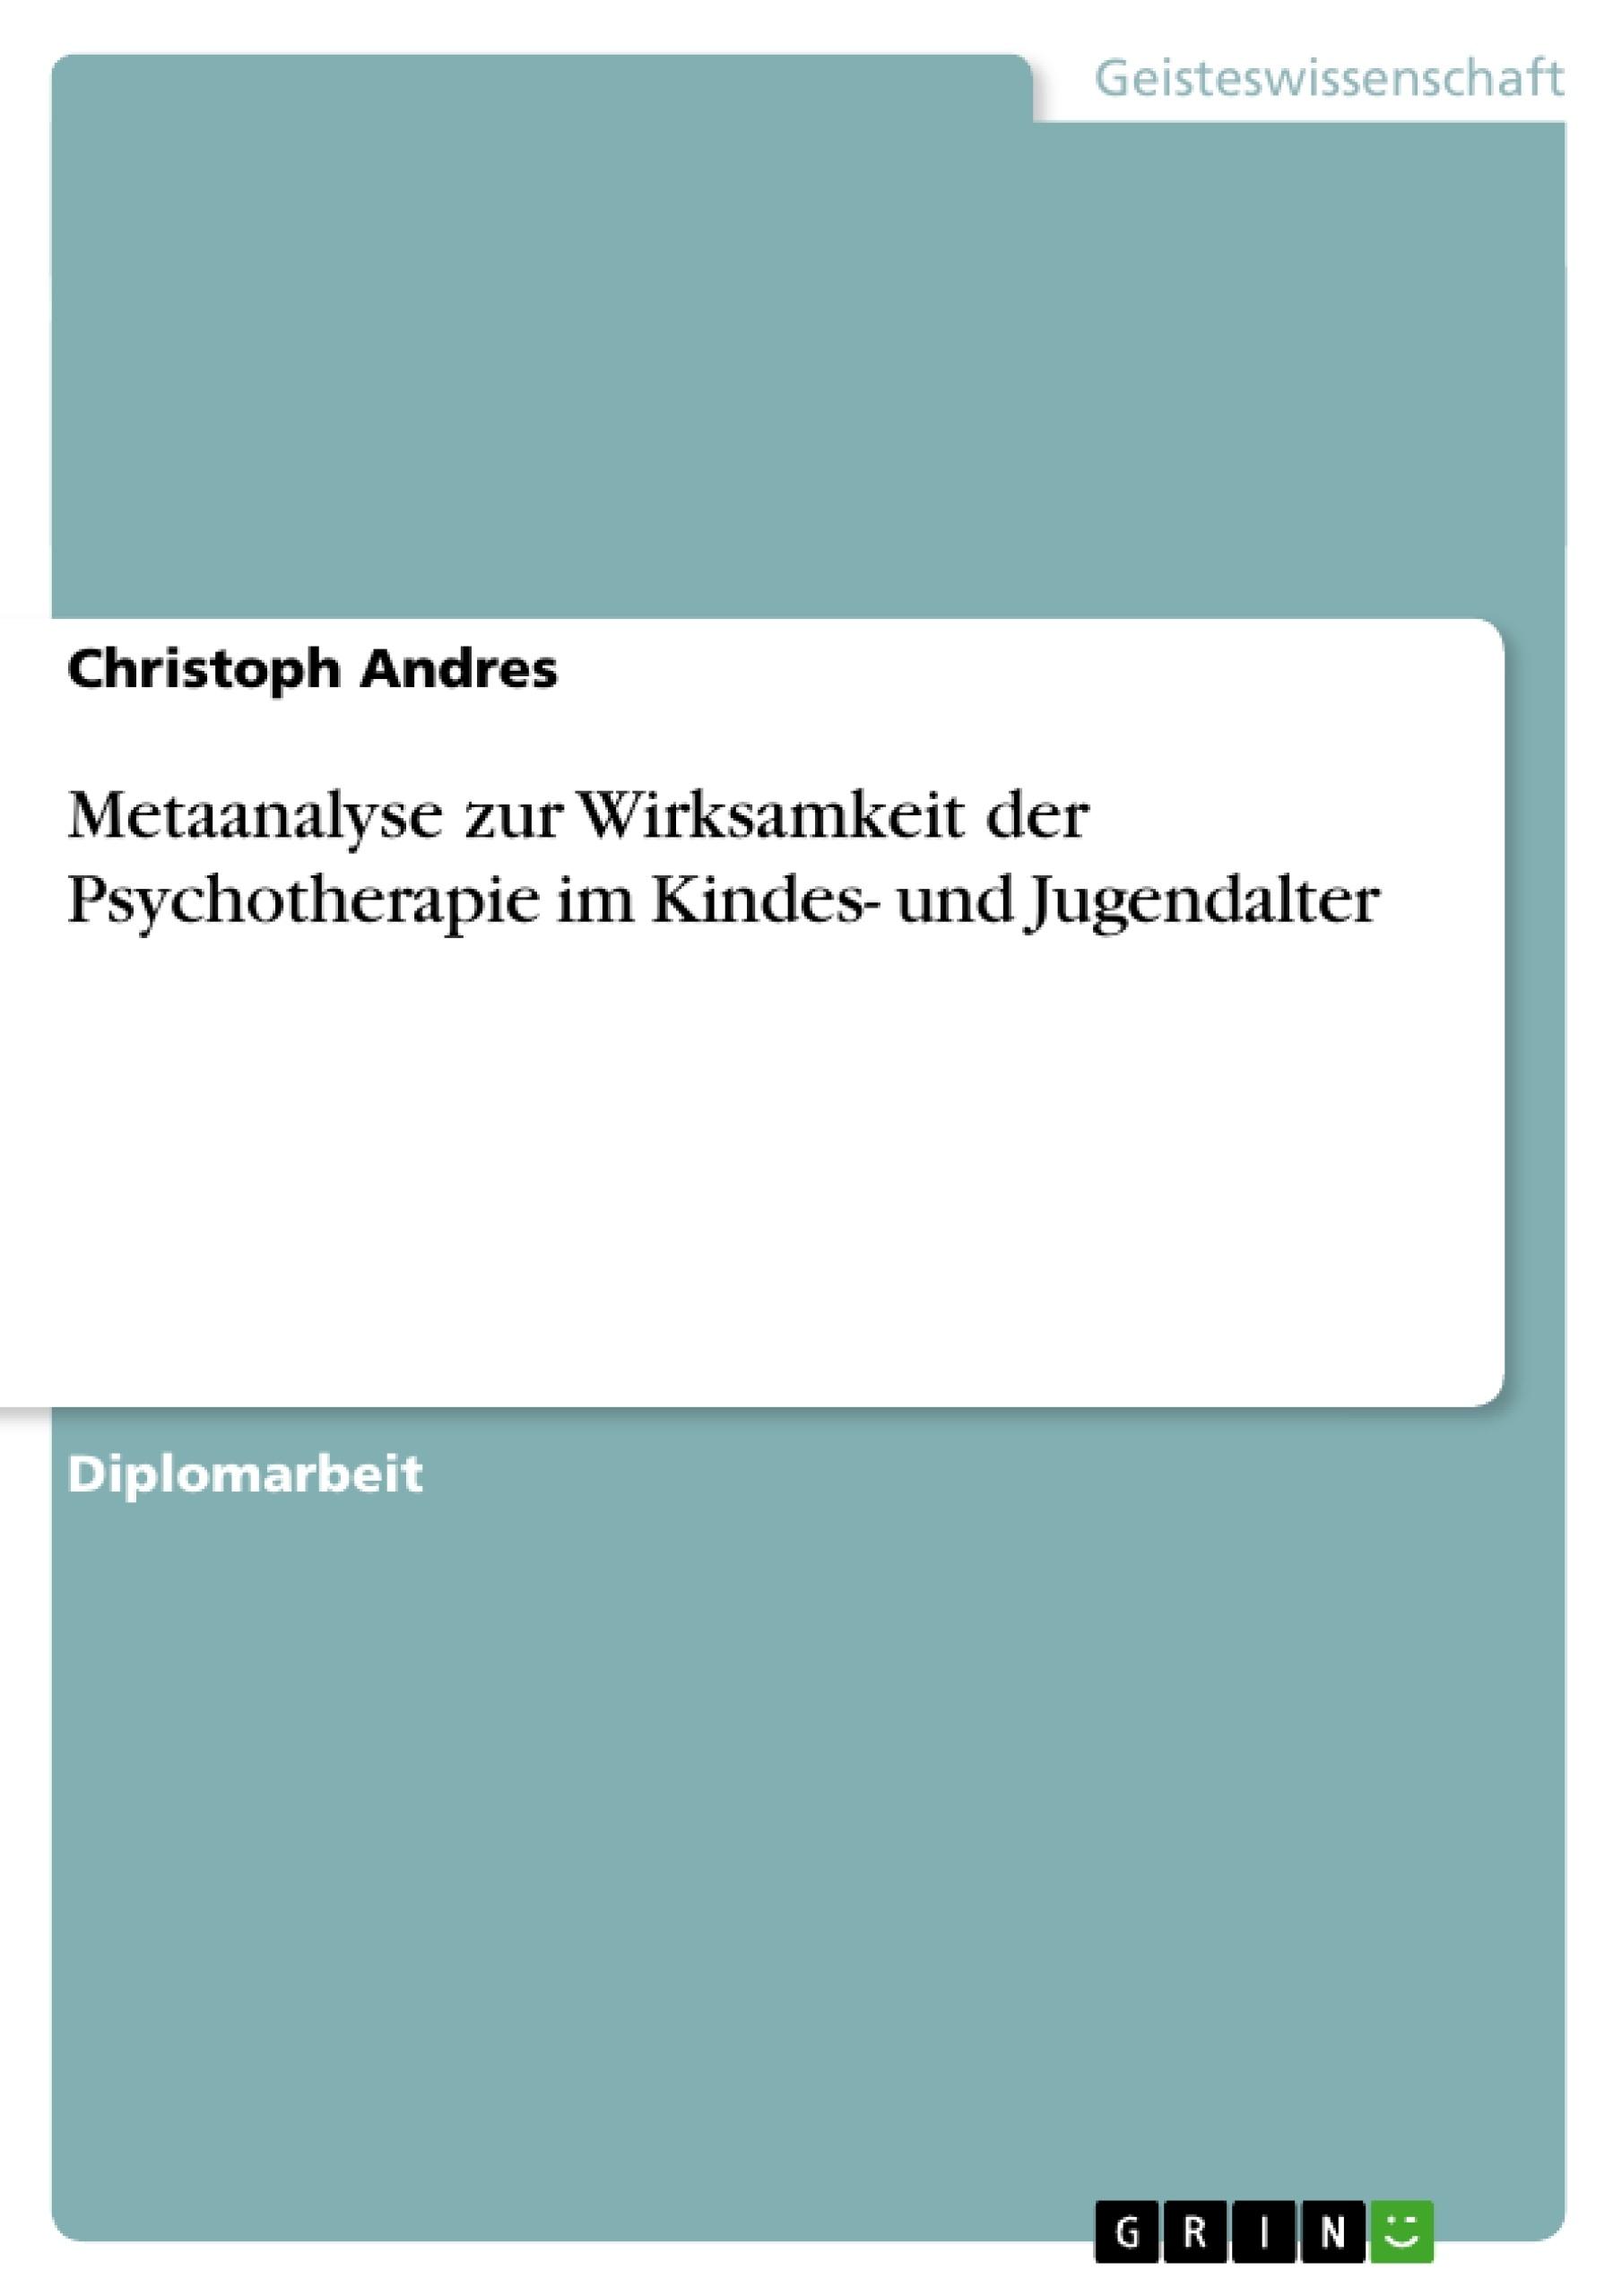 Titel: Metaanalyse zur Wirksamkeit der Psychotherapie im Kindes- und Jugendalter